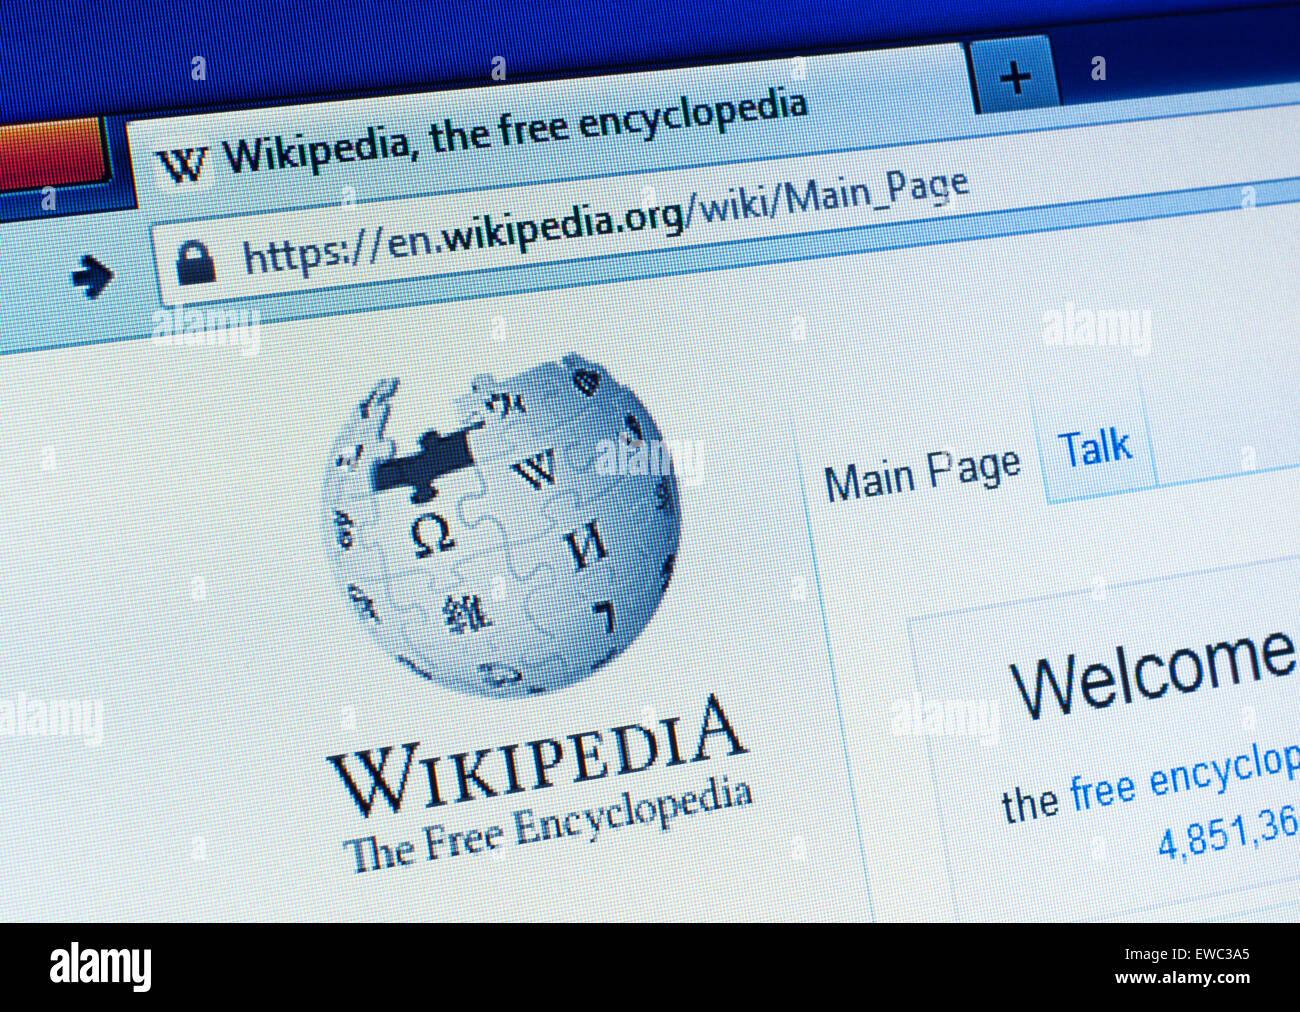 GDANSK, Polonia - 25 de abril de 2015. Página de Wikipedia sobre la pantalla del ordenador. Wikipedia es de Imagen De Stock